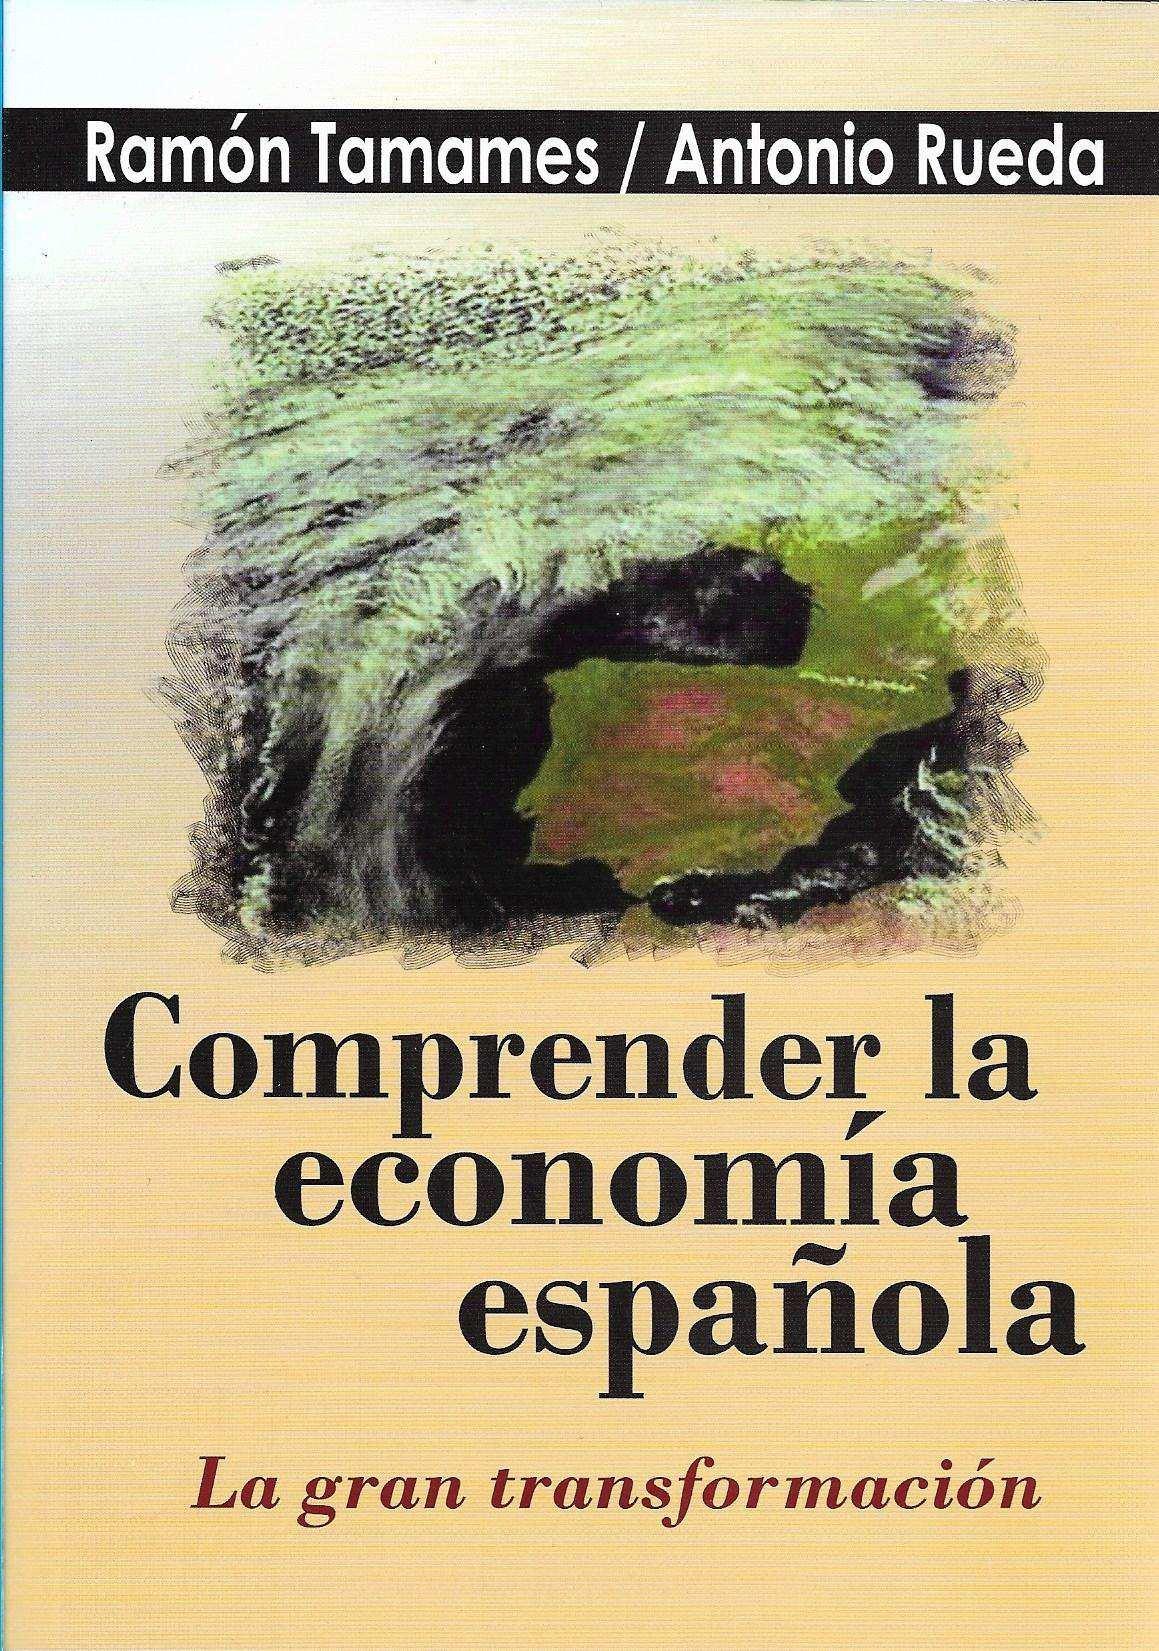 Comprender la economía española: Amazon.es: Tamames, Ramón, Rueda ...